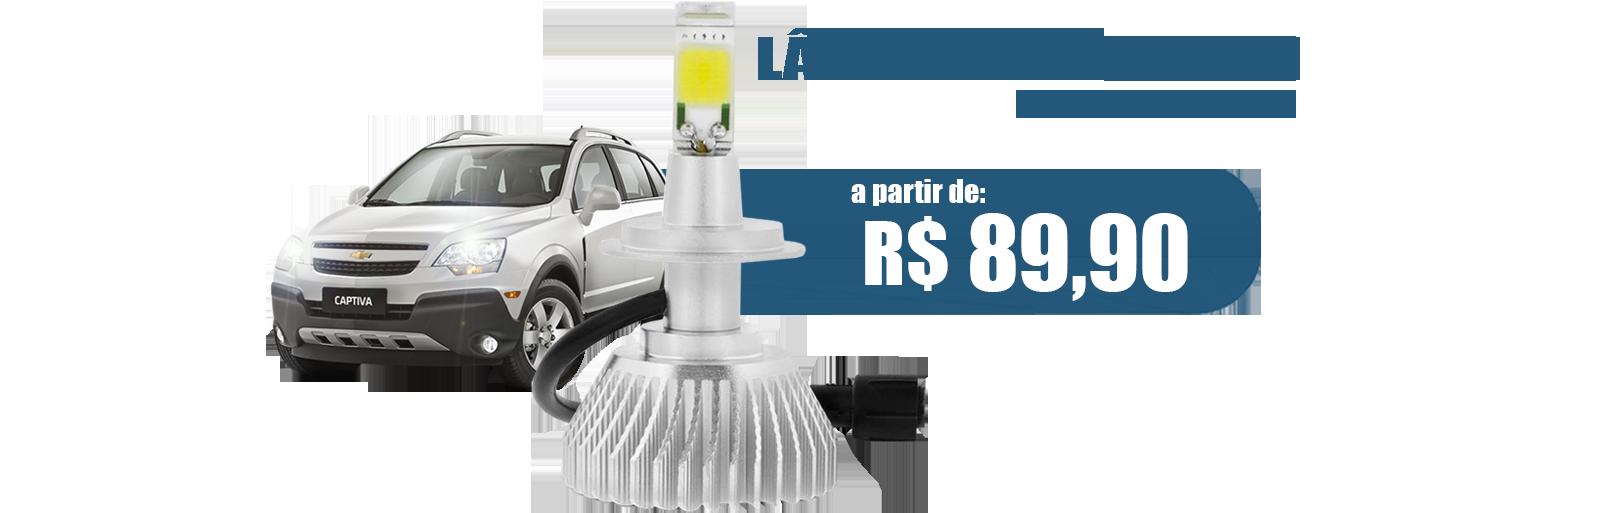 LAMPADA DE LED